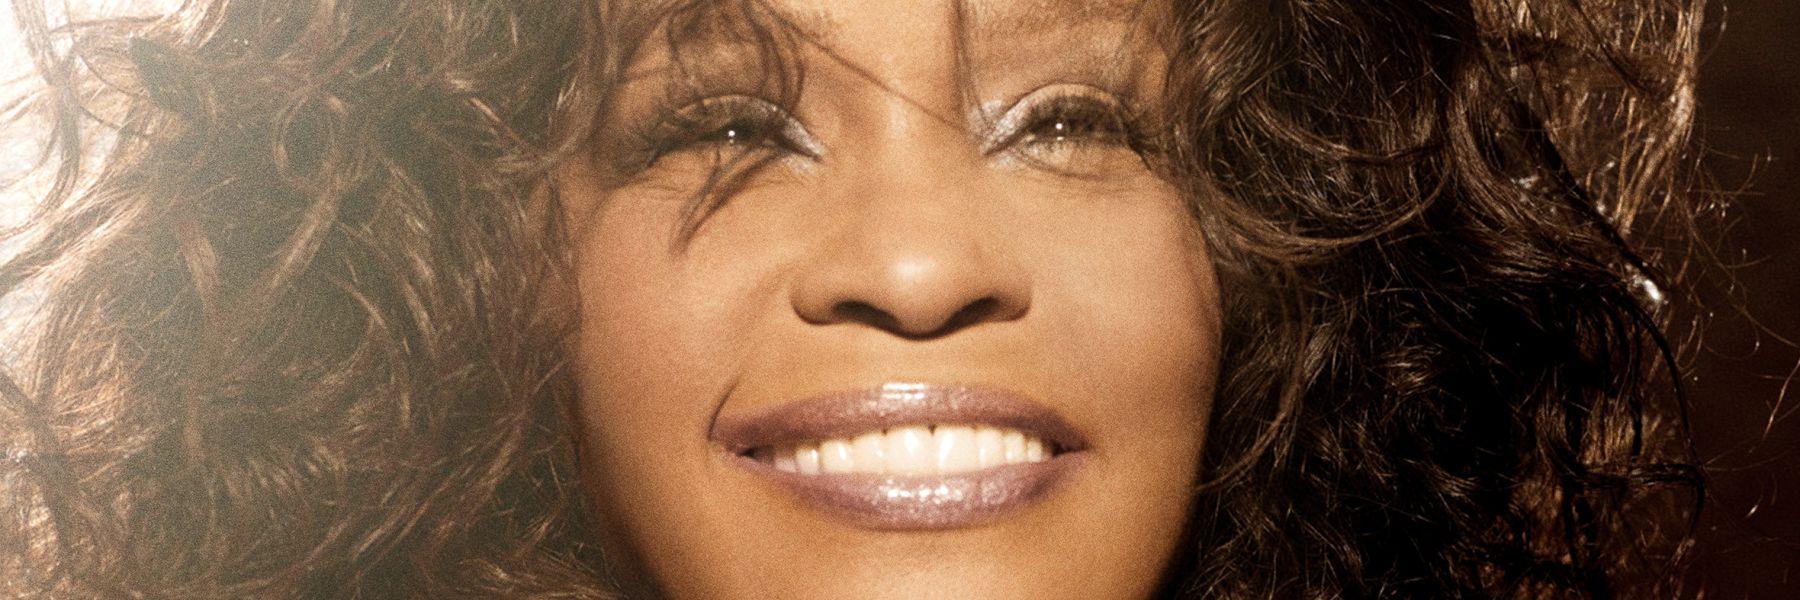 Whitney Houston Hologram – An Evening With Whitney Houston Hologram 19.03.2020